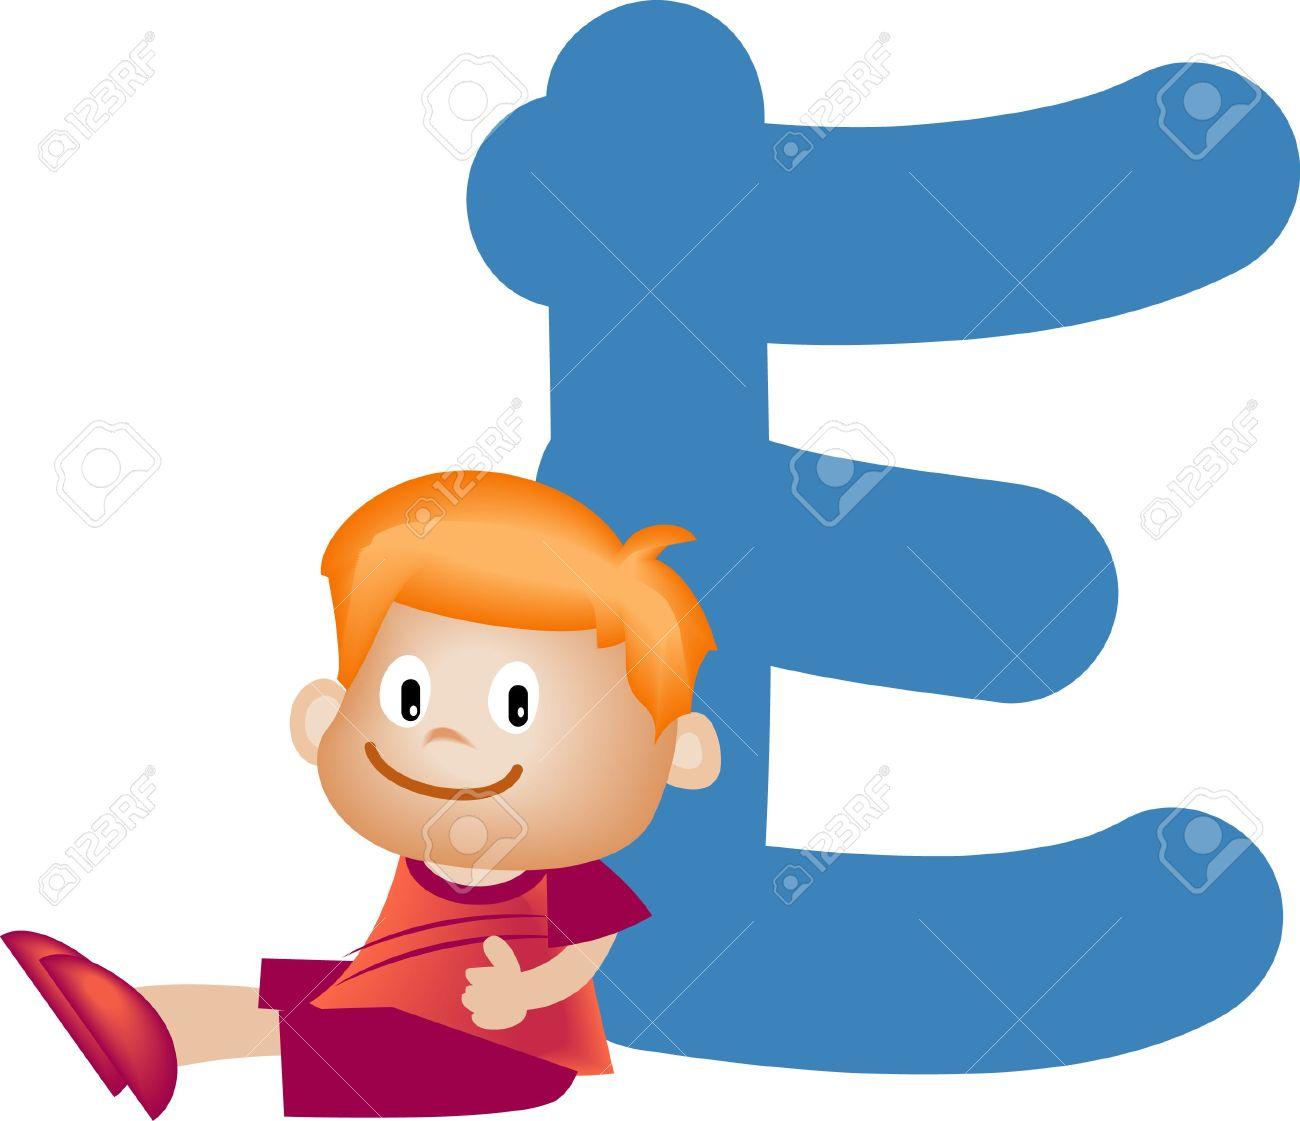 Boy with alphabet letter e stock photo picture and royalty free boy with alphabet letter e stock photo 3207804 altavistaventures Images